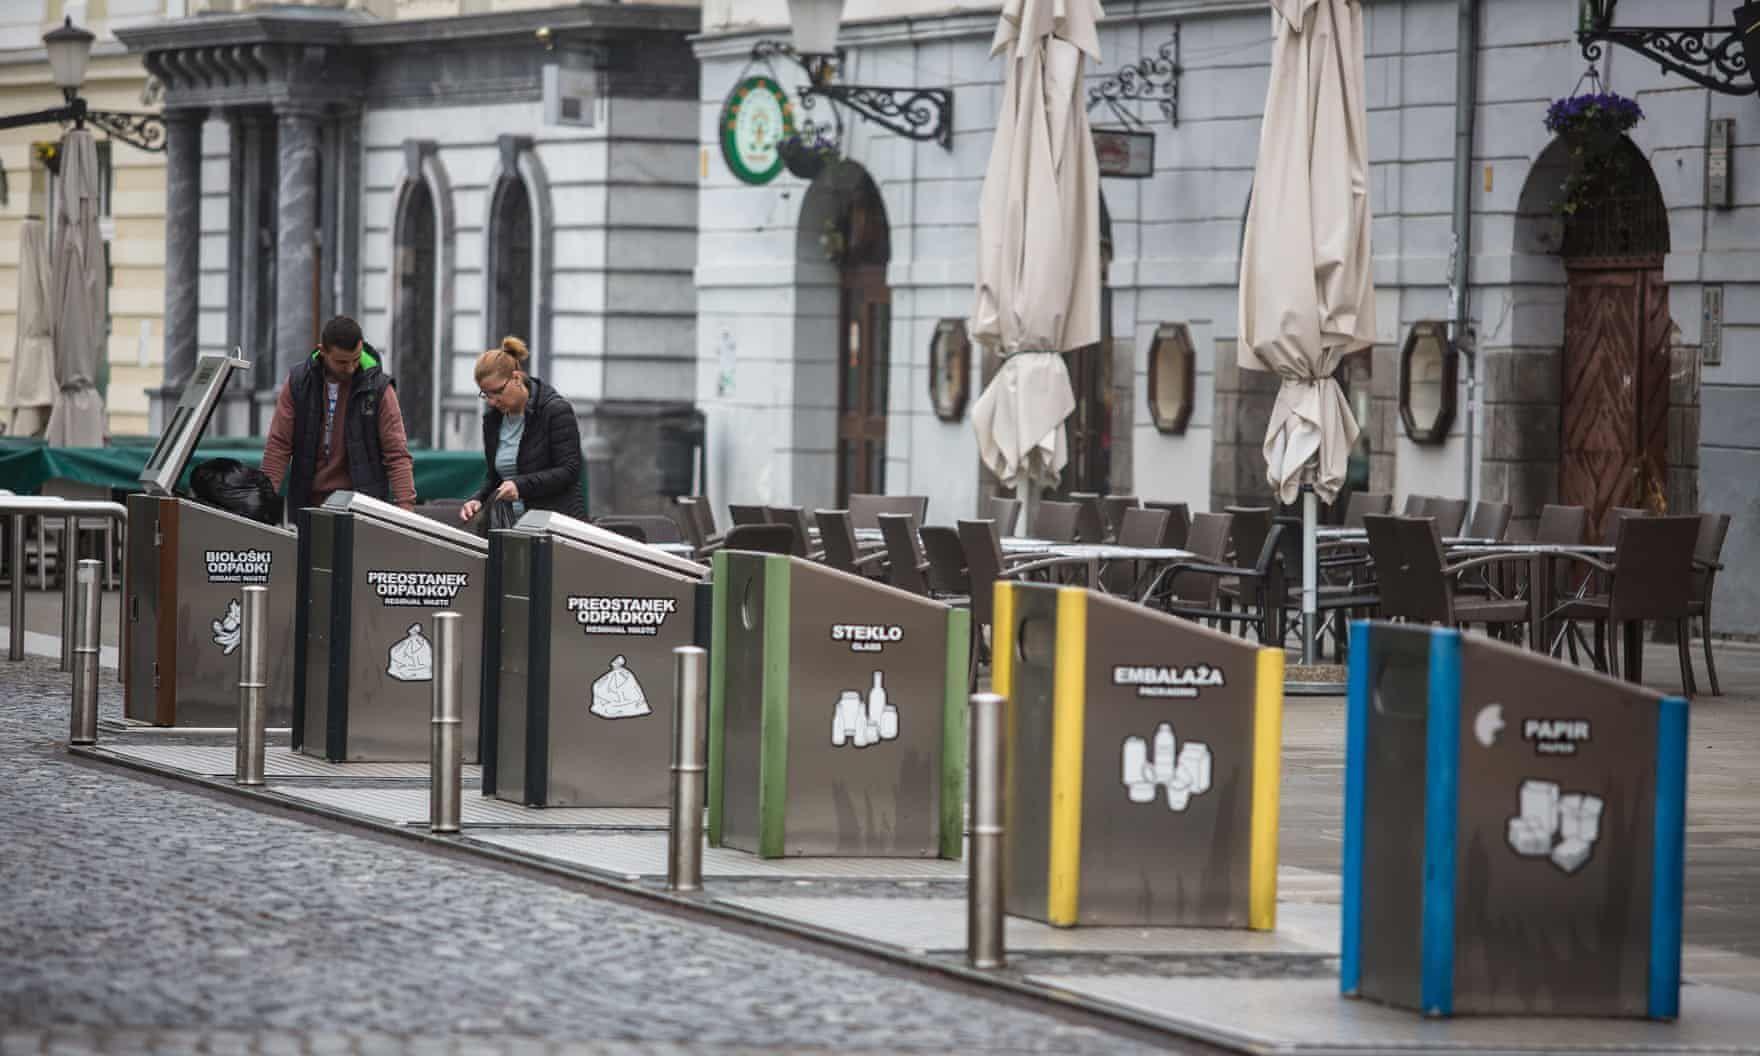 Giữ gìn vệ sinh chung tại điểm du lịch. Hình: Sưu tầm